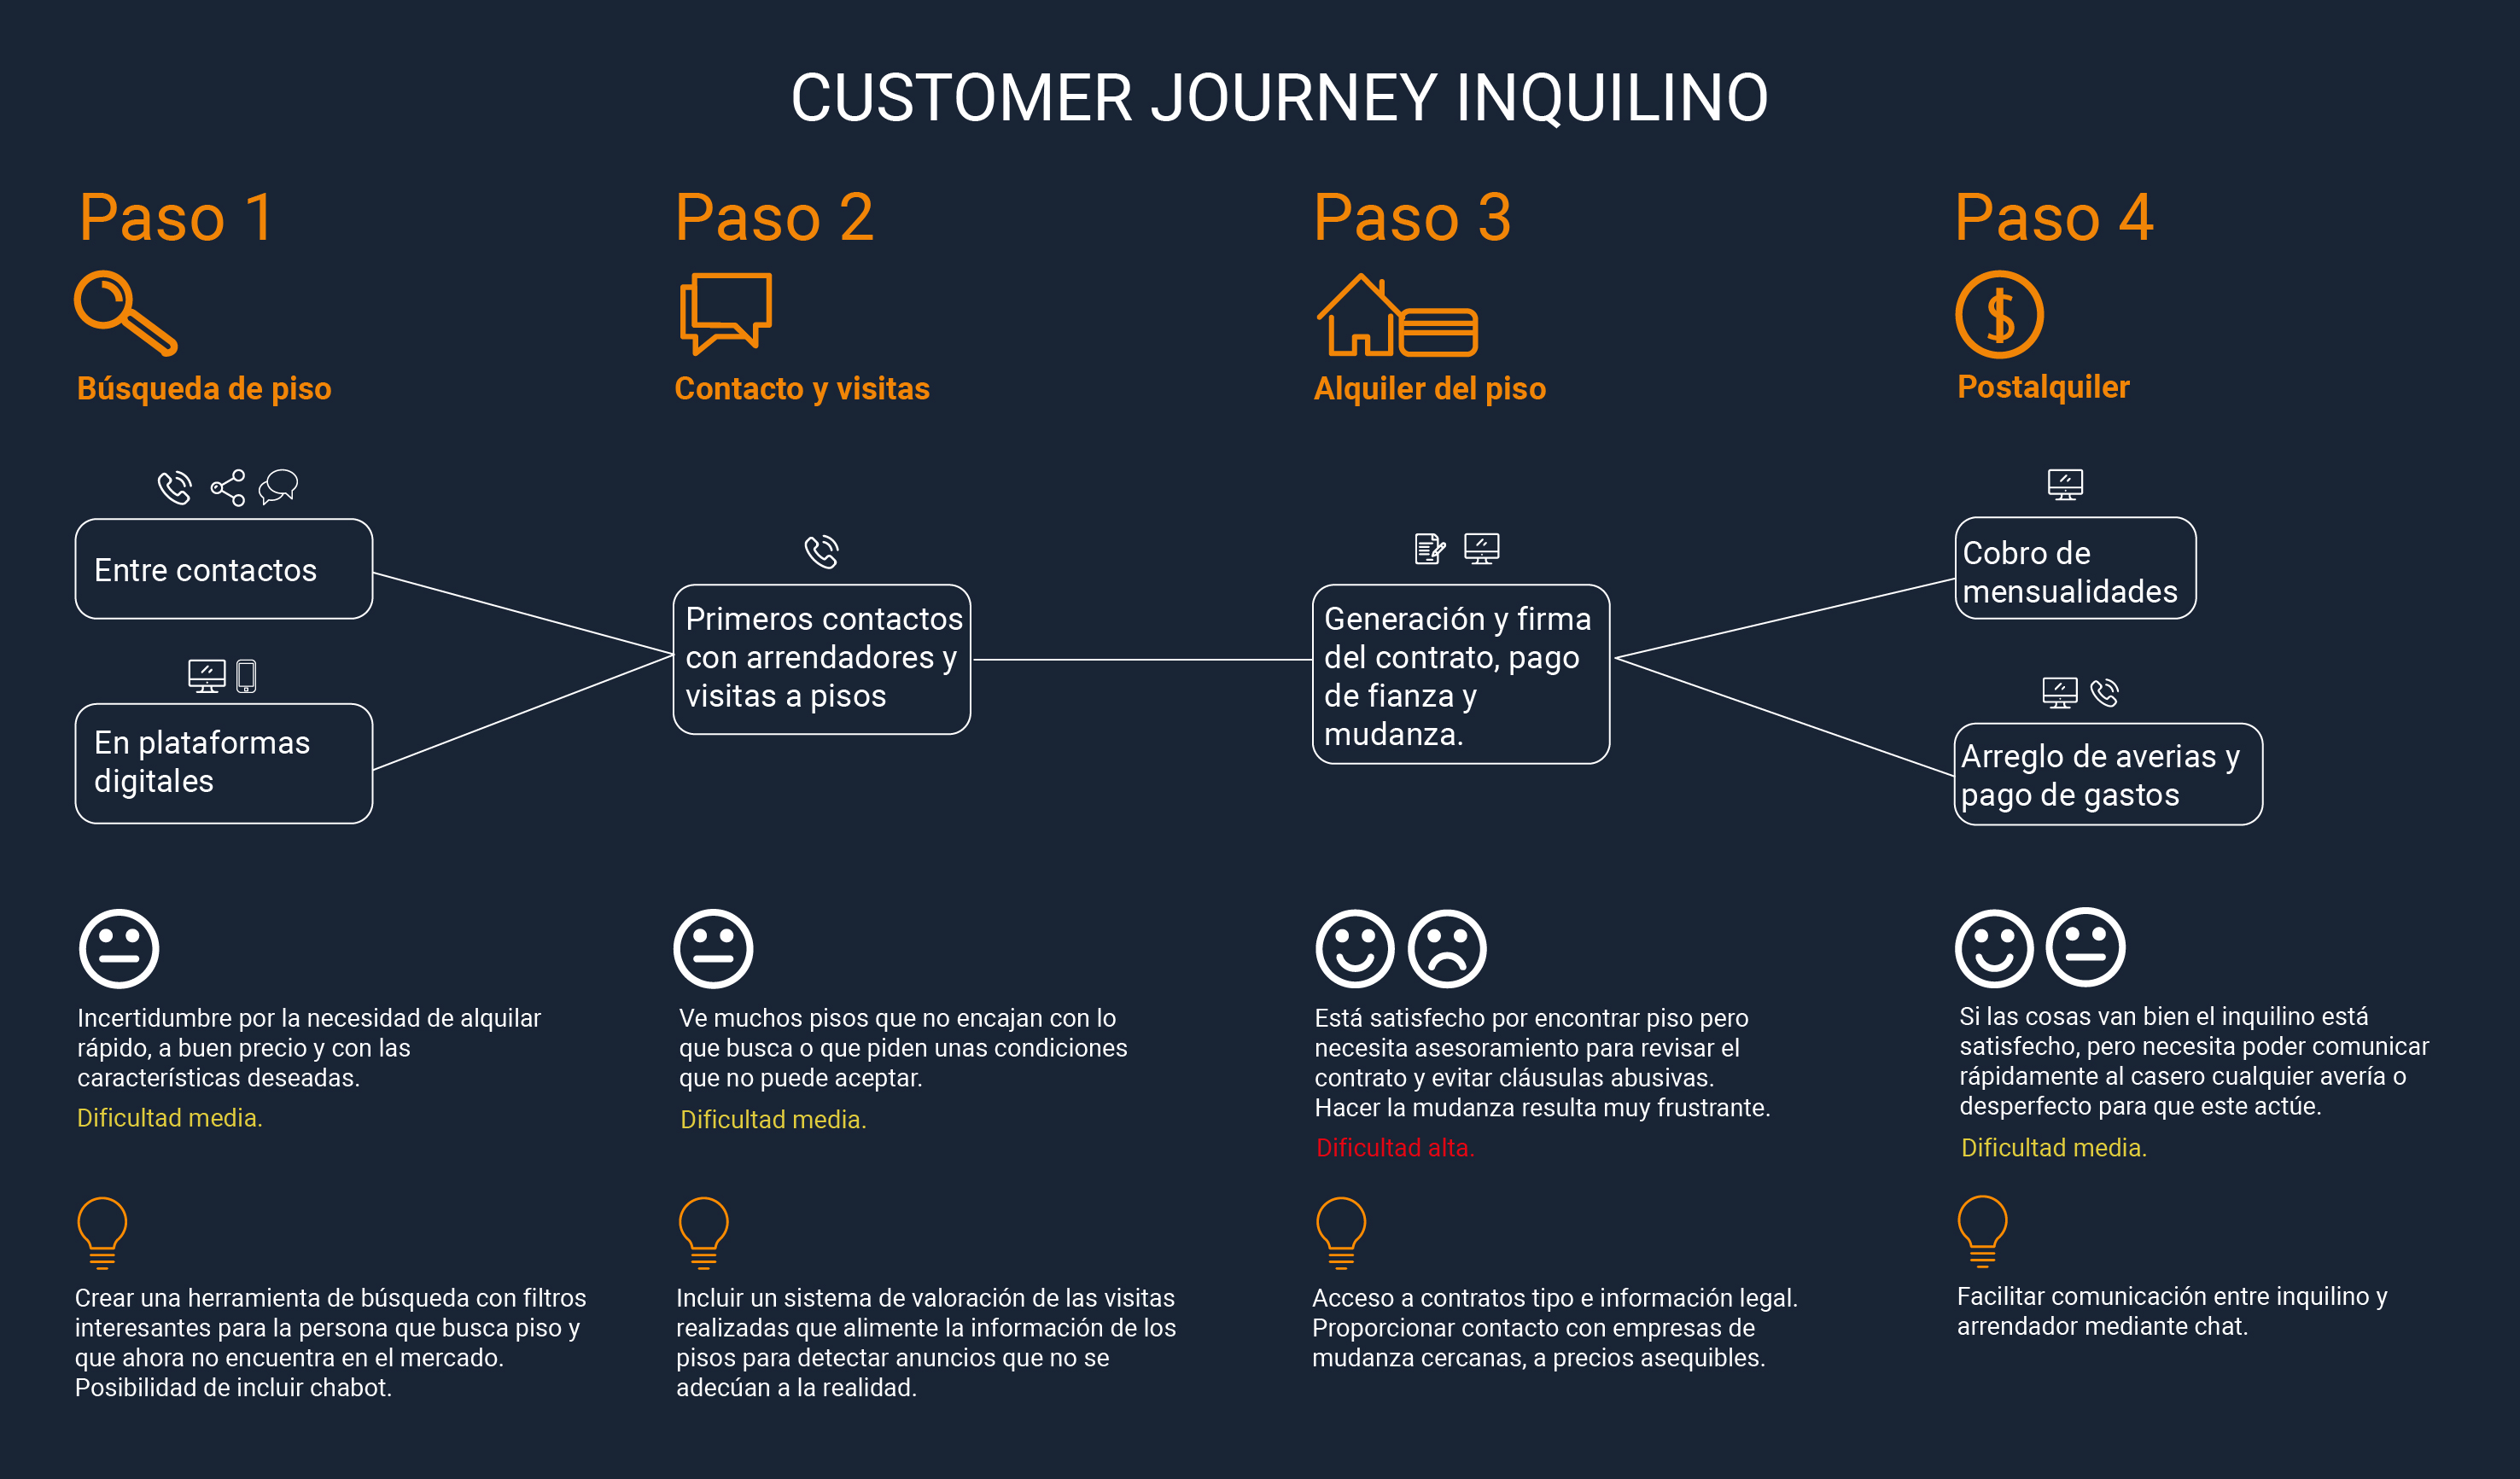 Customer Journey inquilino para app inmobiliaria